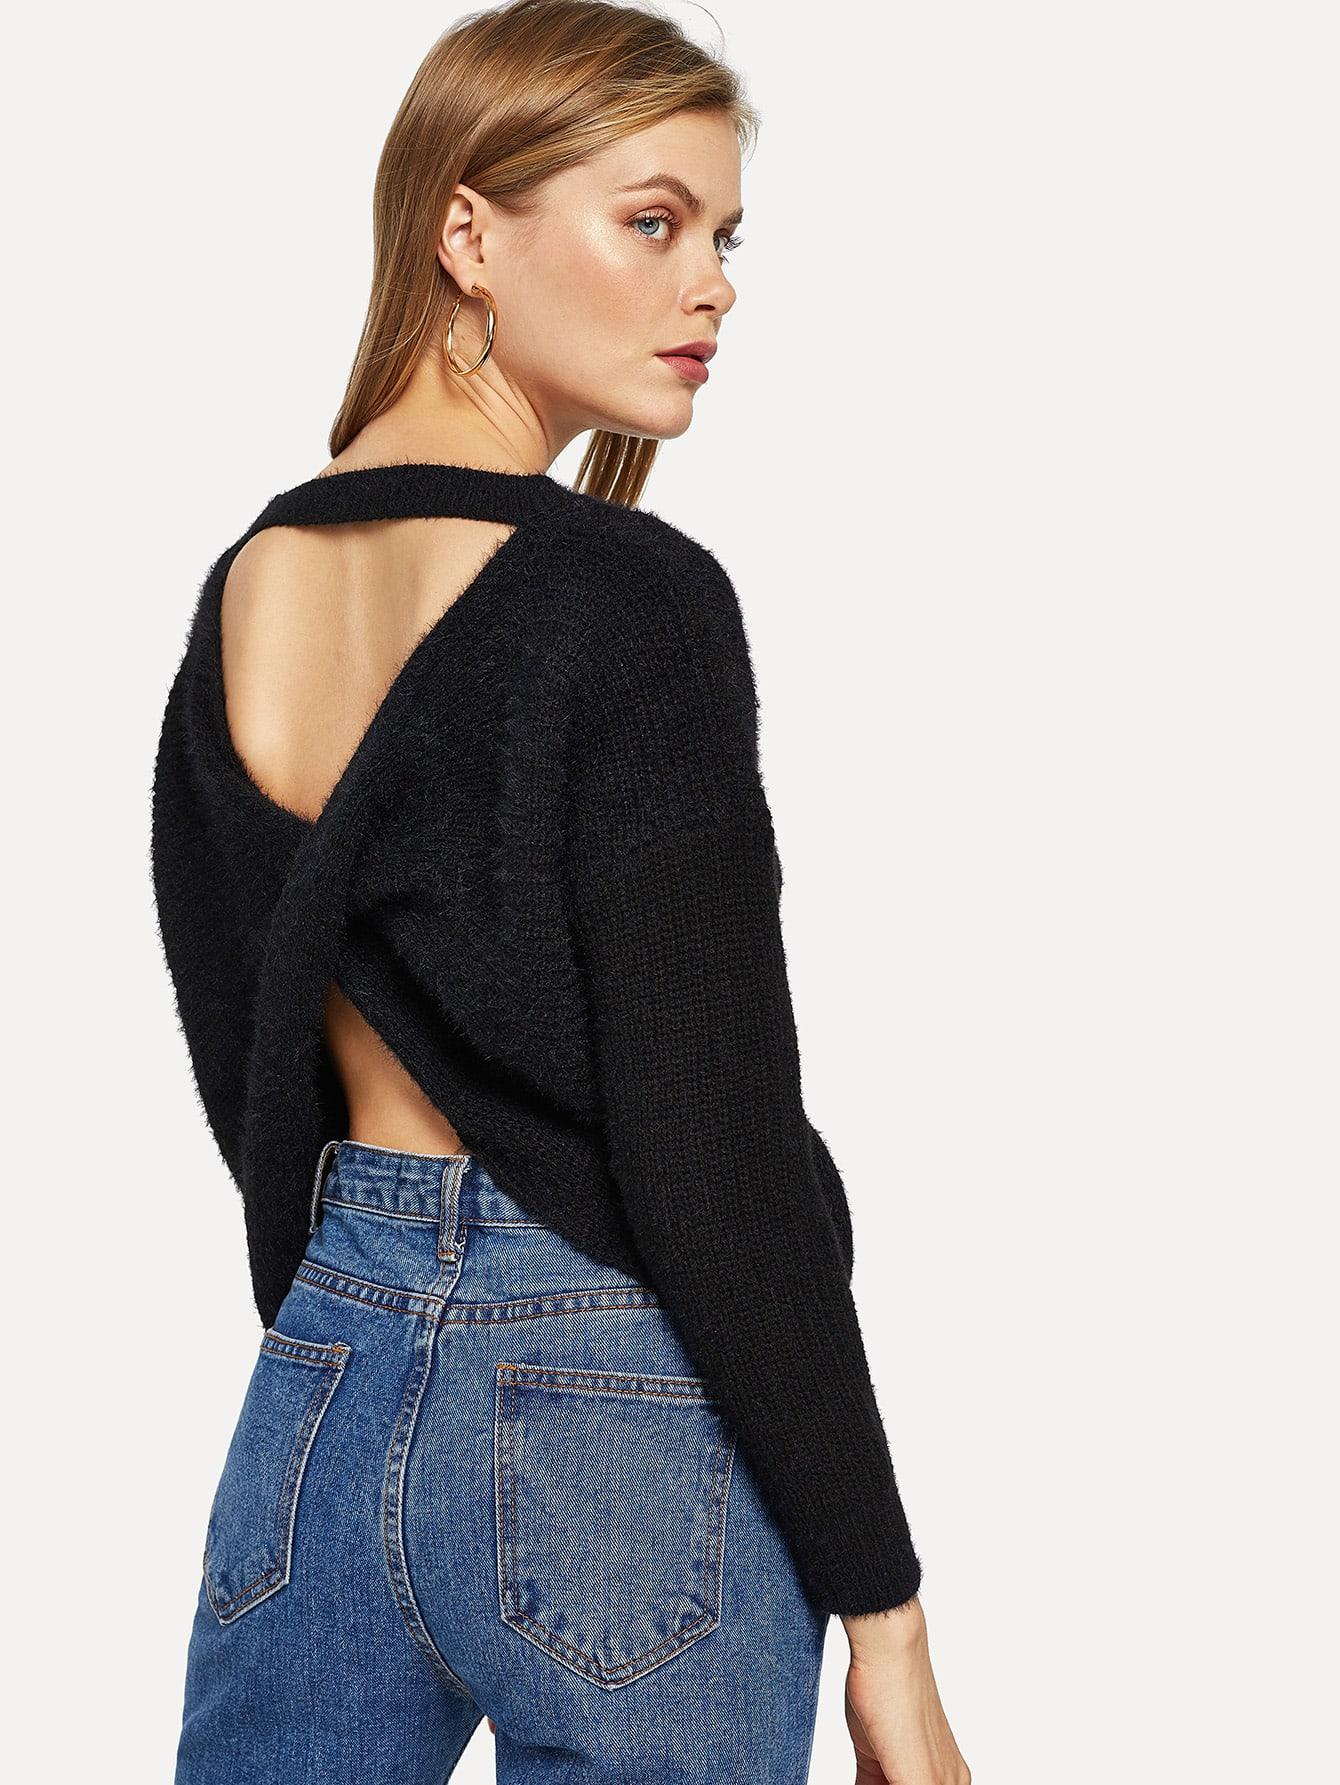 Купить Свитер с заниженной линией плеч, Kate C, SheIn